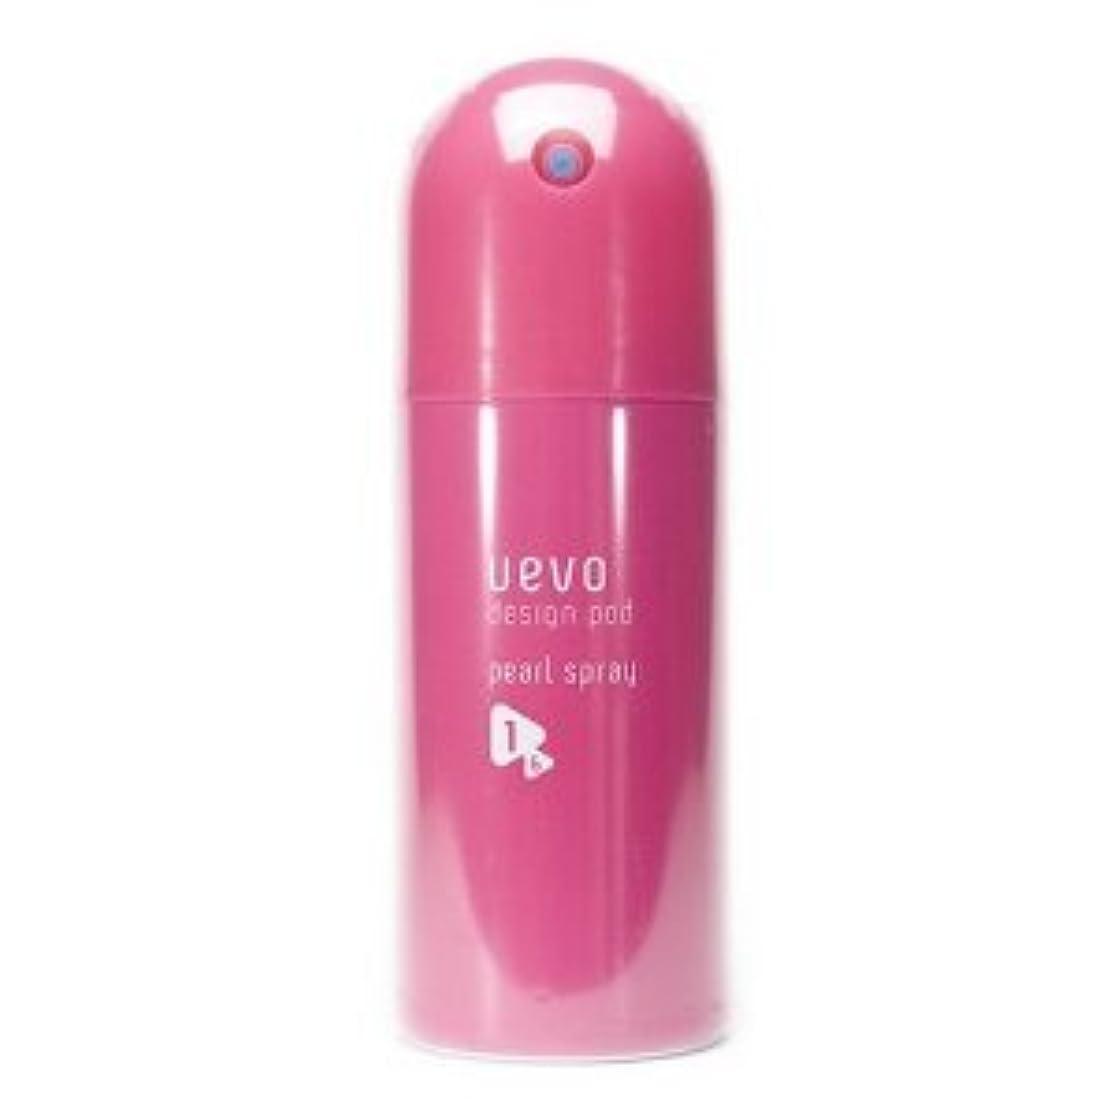 イタリアの自明【X3個セット】 デミ ウェーボ デザインポッド パールスプレー 220ml pearl spray DEMI uevo design pod